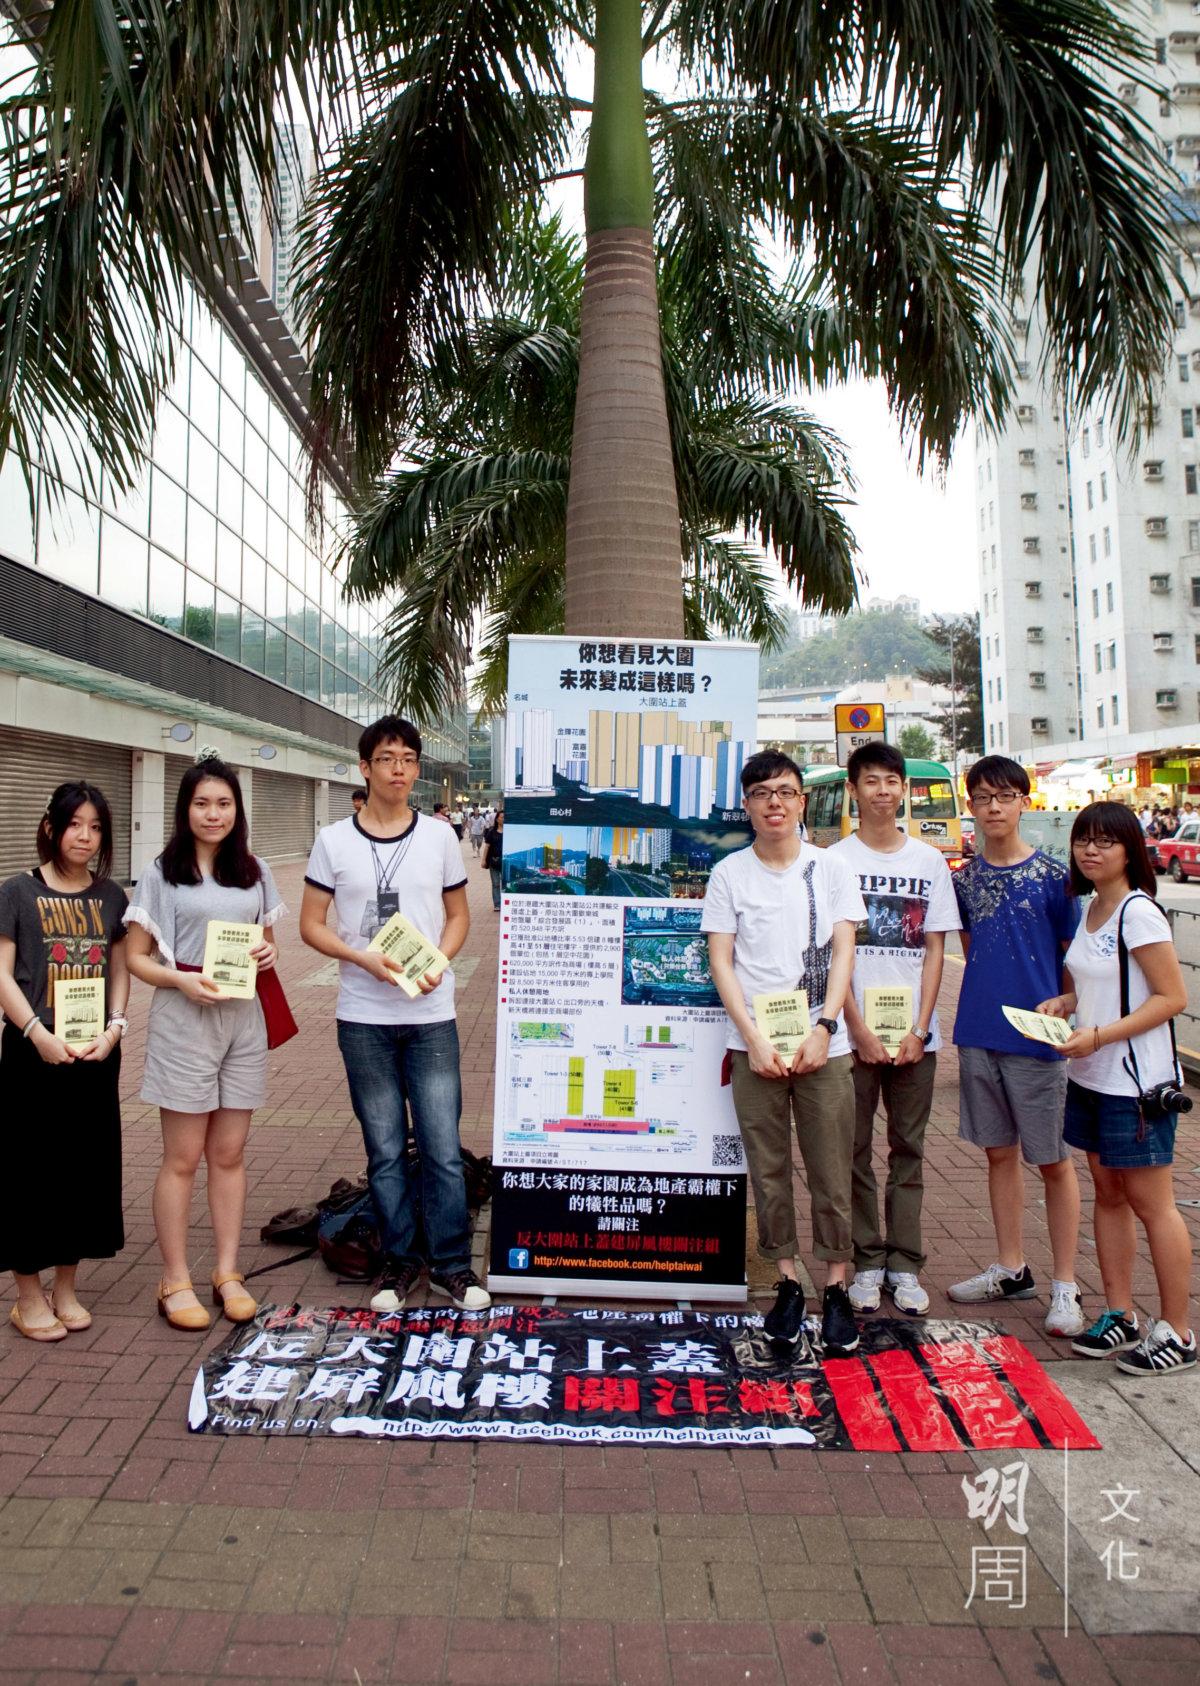 區內青年通過社交網絡迅速聚攏,成立「反大圍 站上蓋建屏風樓關注組」。